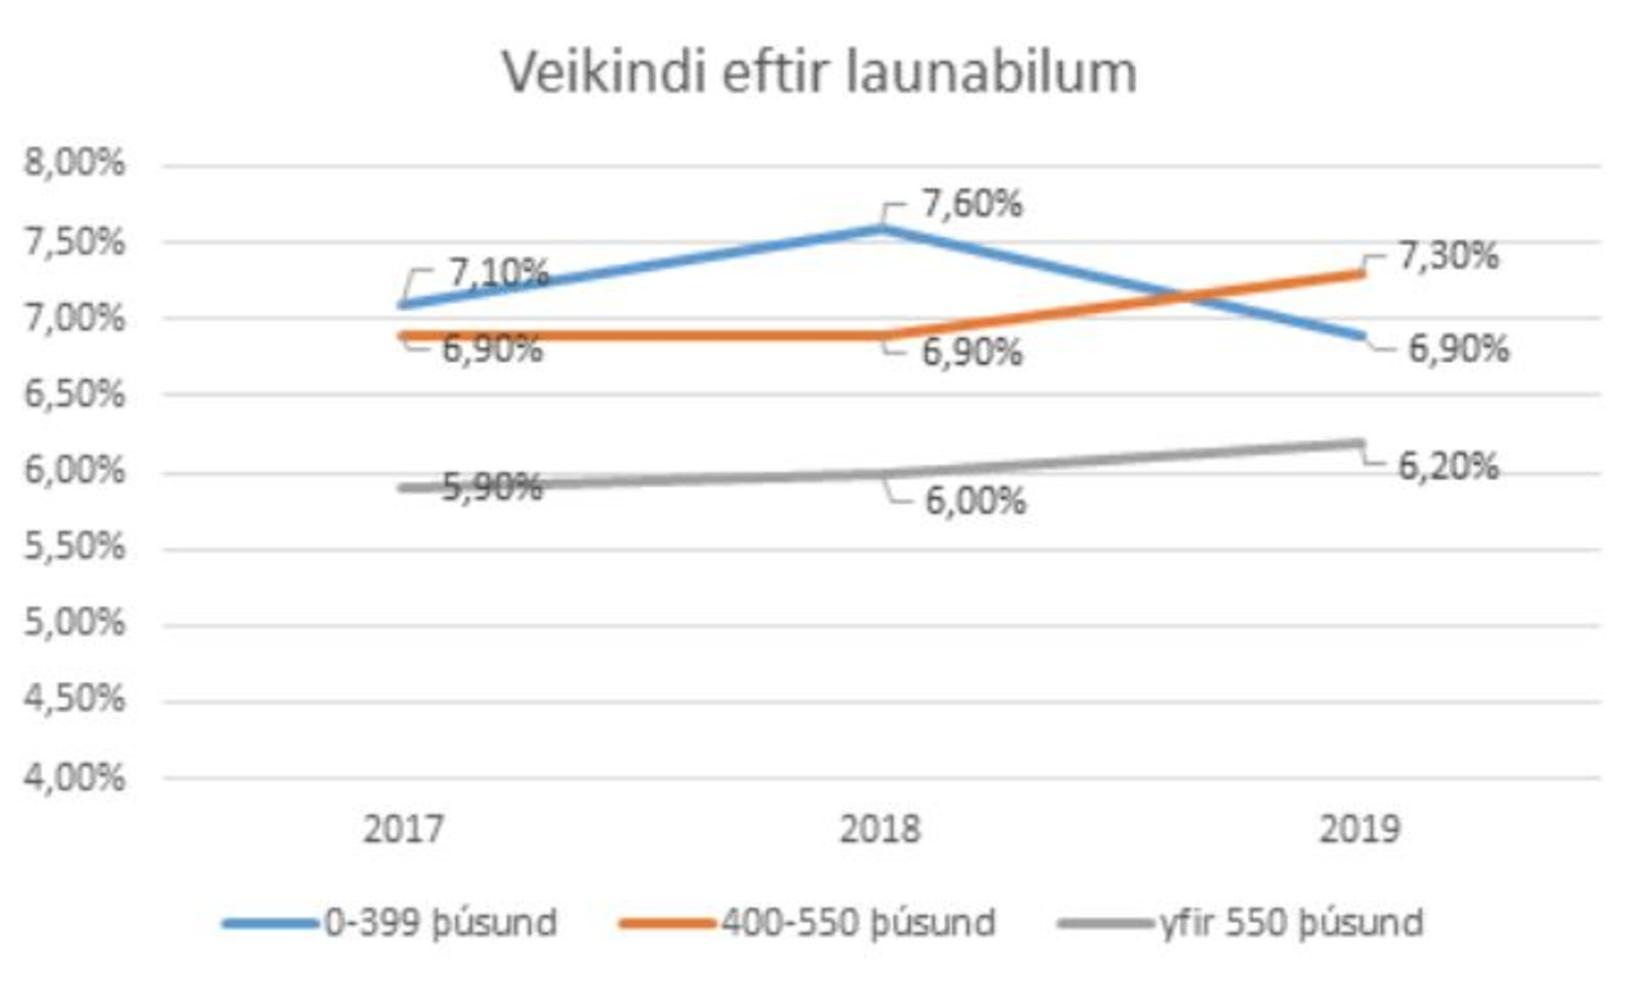 Veikindahlutfall eftir launabilum hjá Reykjavíkurborg.